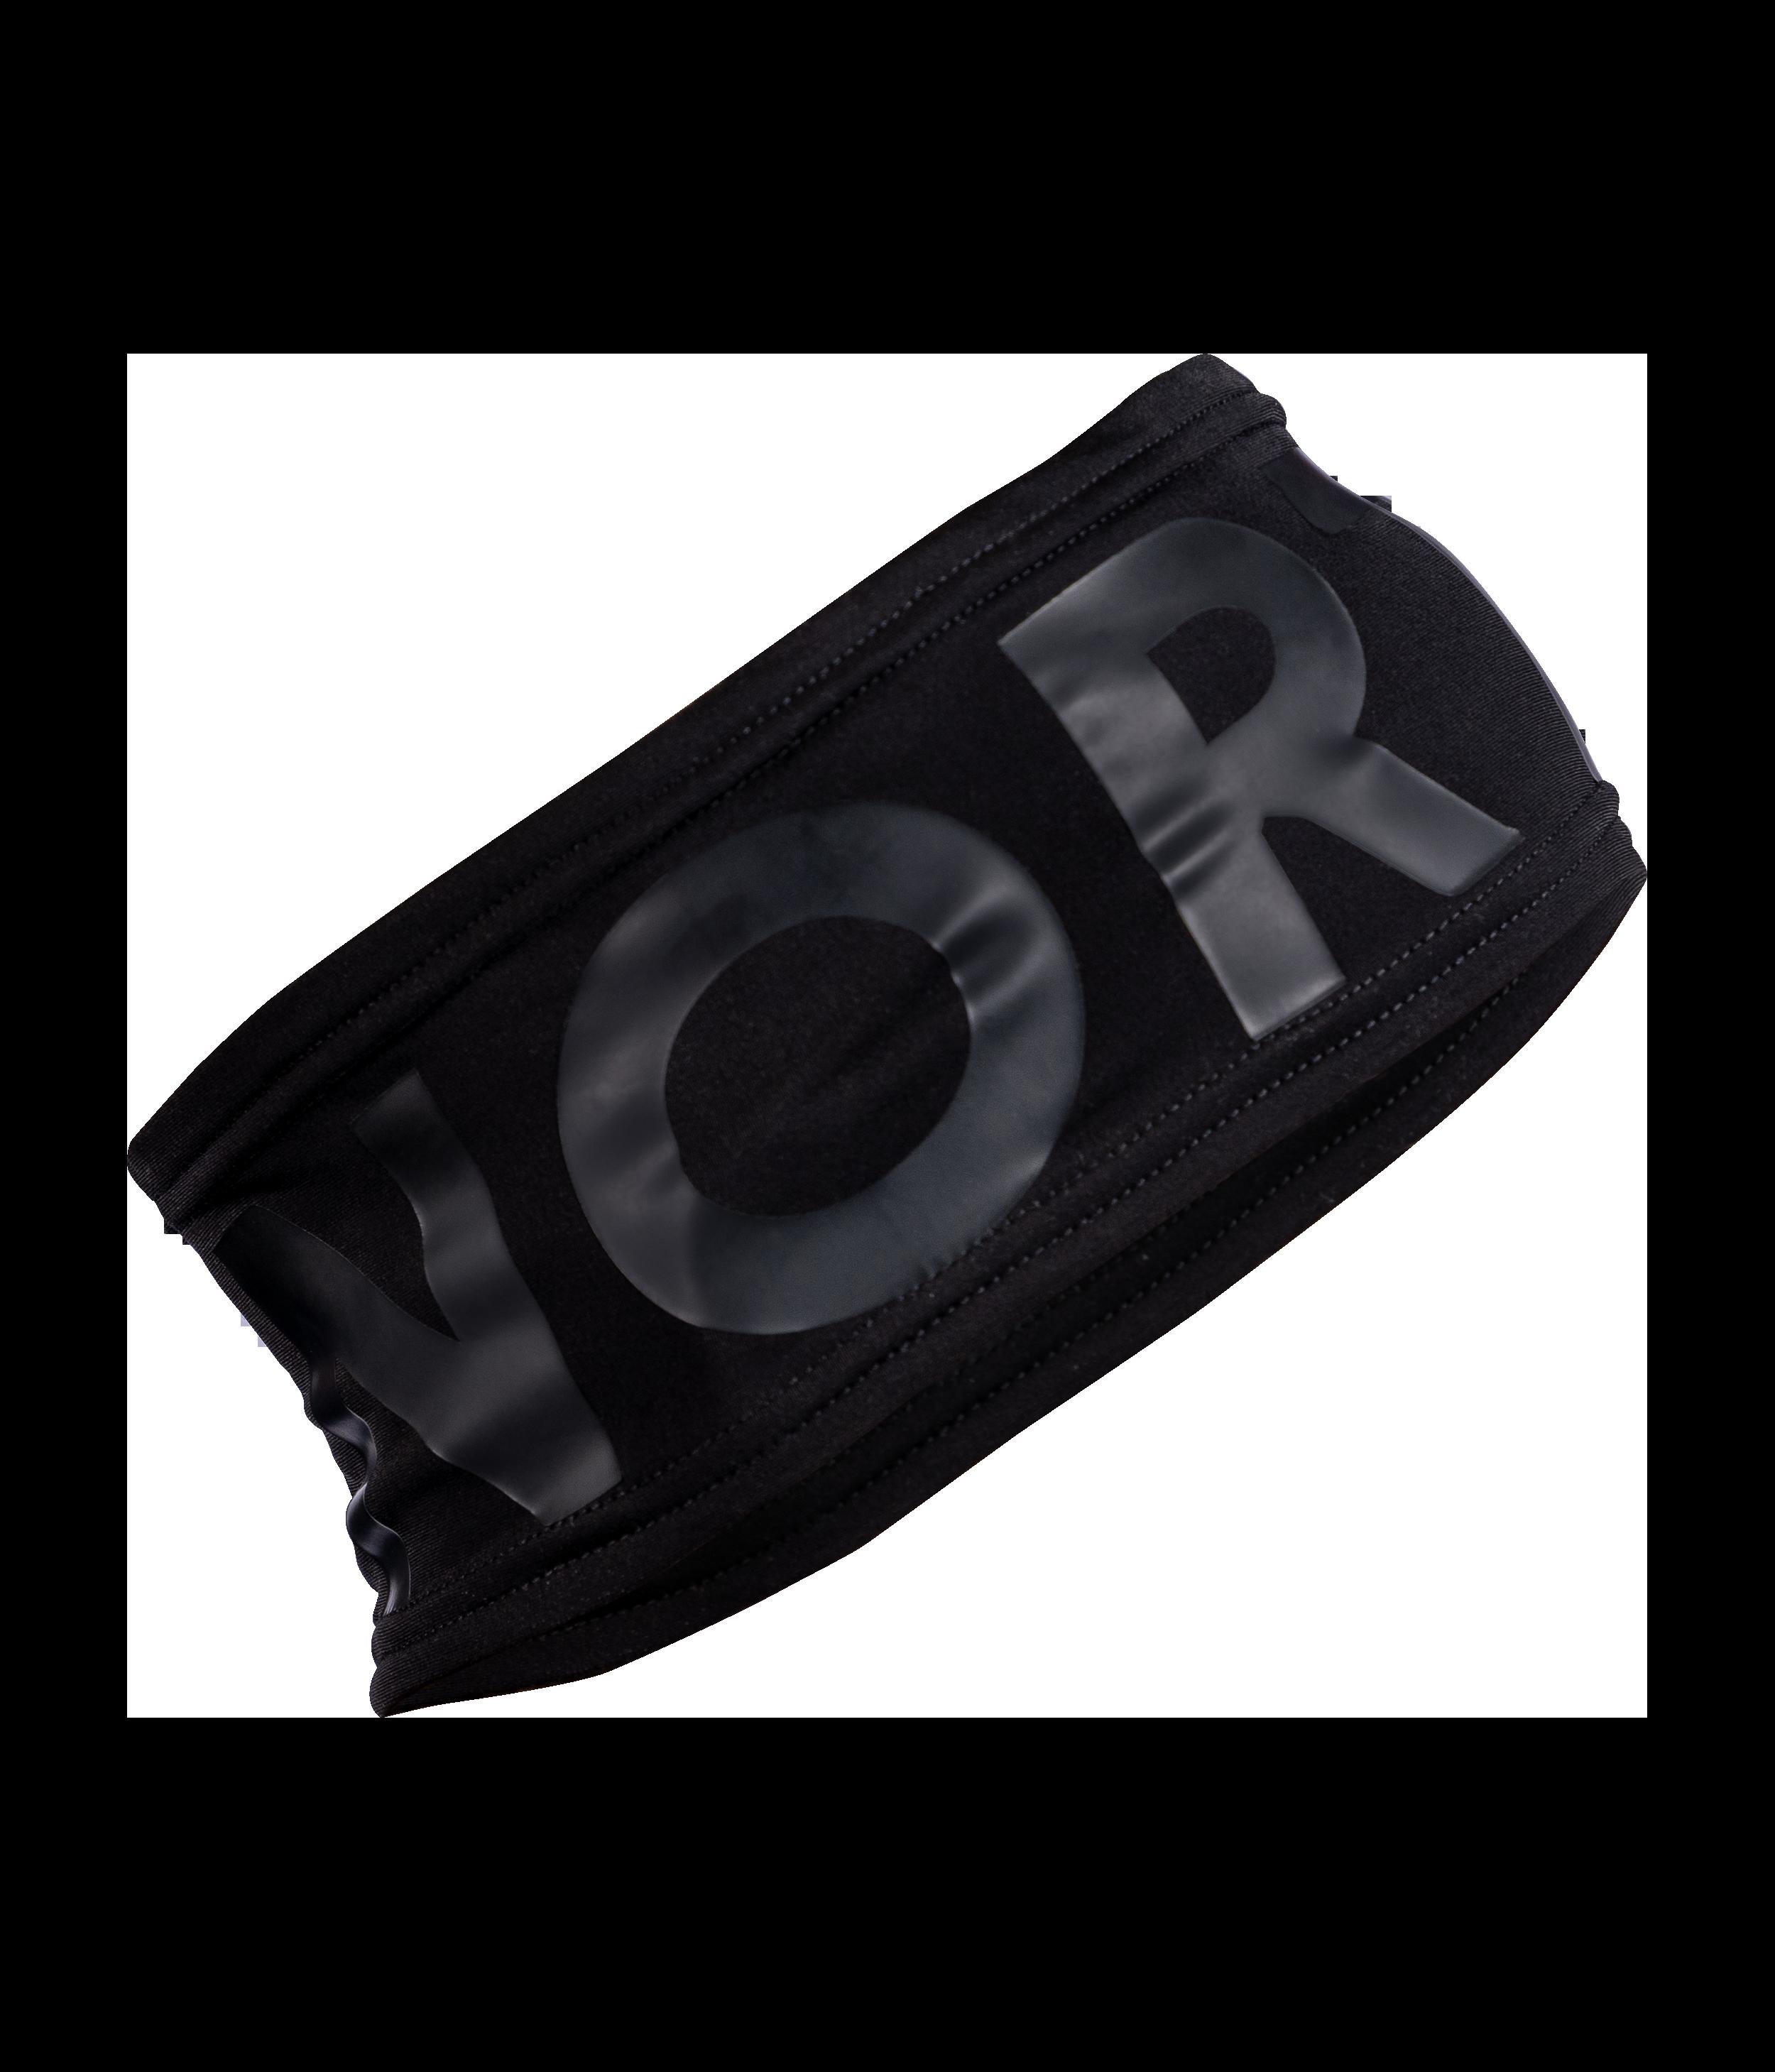 Northug Knarren Tech Outline Headband